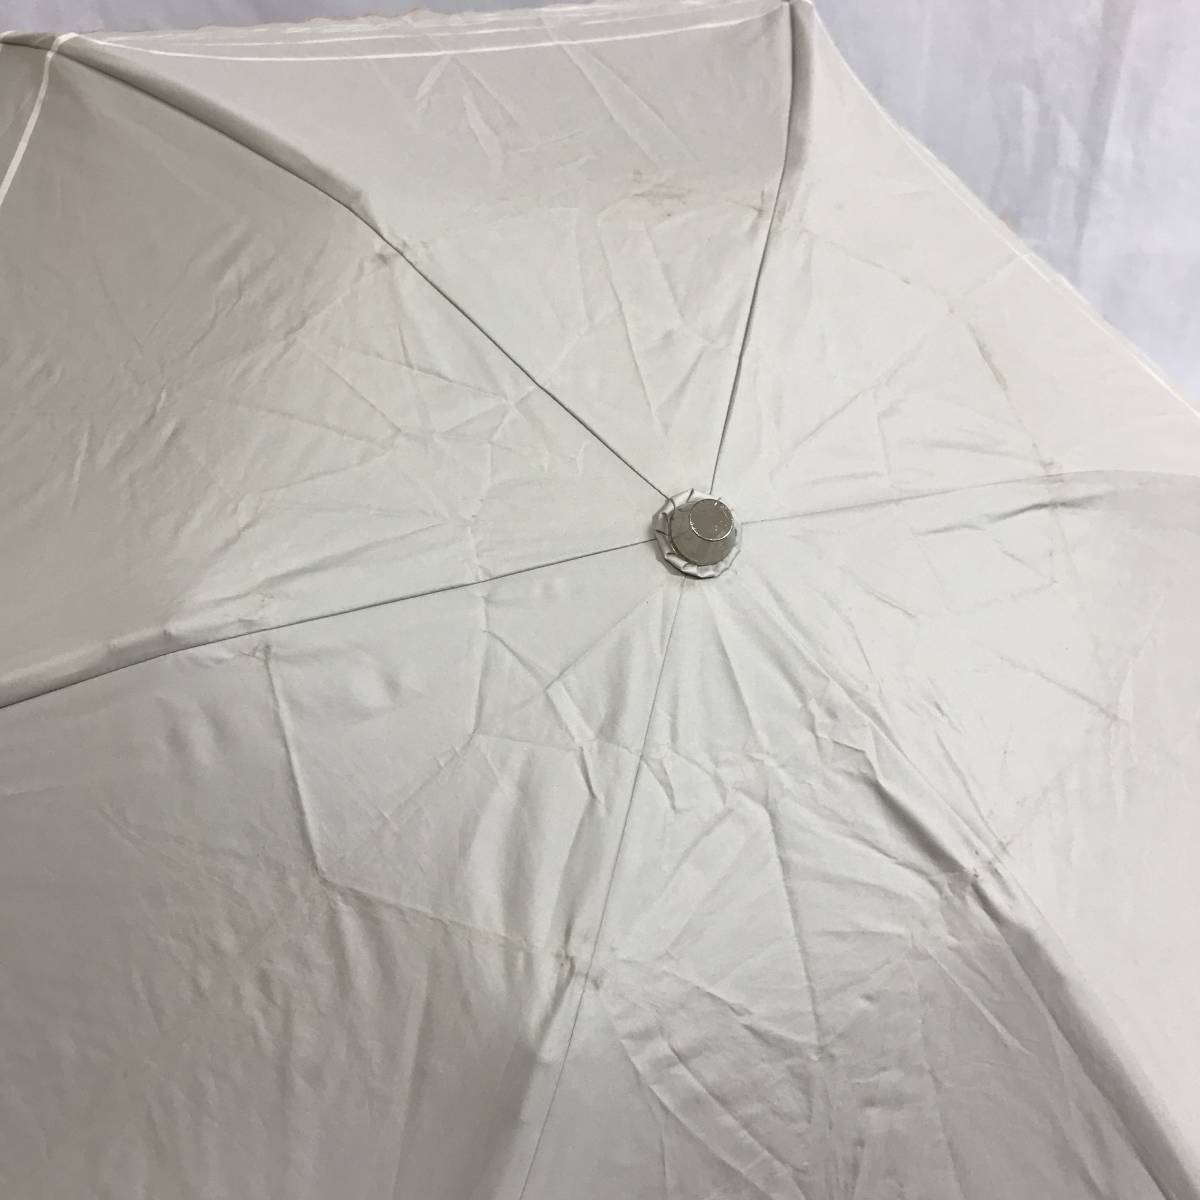 う090535 中古 Pinky&Dianne ピンキー&ダイアン AURORA オーロラ 晴雨兼用 雨傘 日傘 折りたたみ傘 女性用_画像6